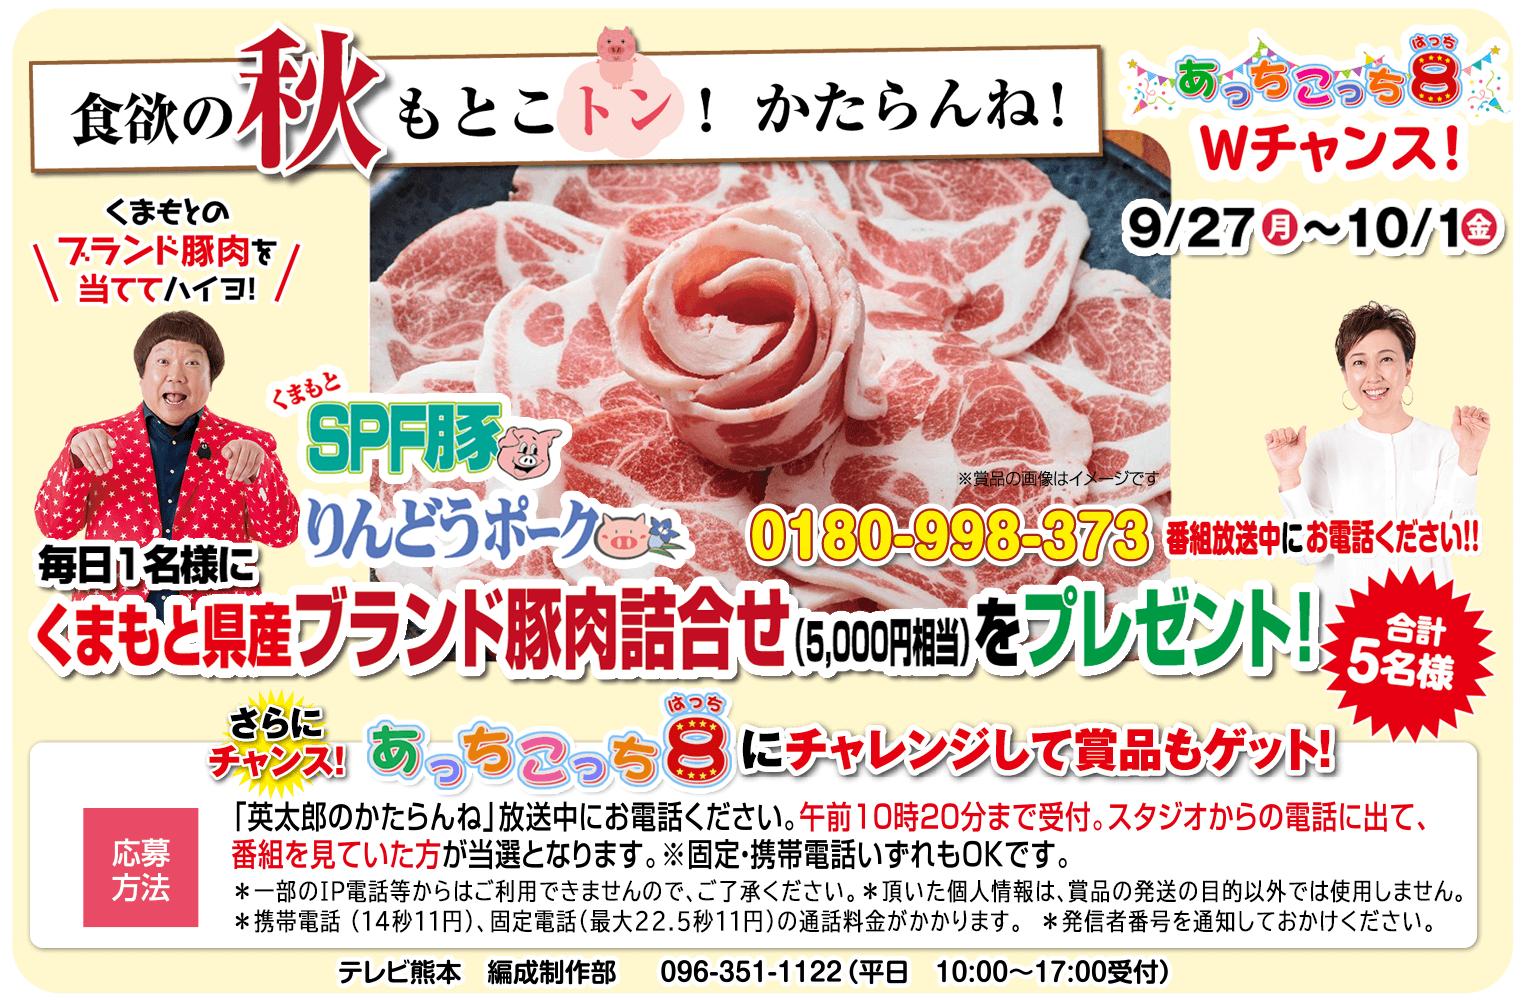 9月の「かたらんね」あっちこっち8Wチャンス!くまもと県産ブランド豚肉詰合せをプレゼント!